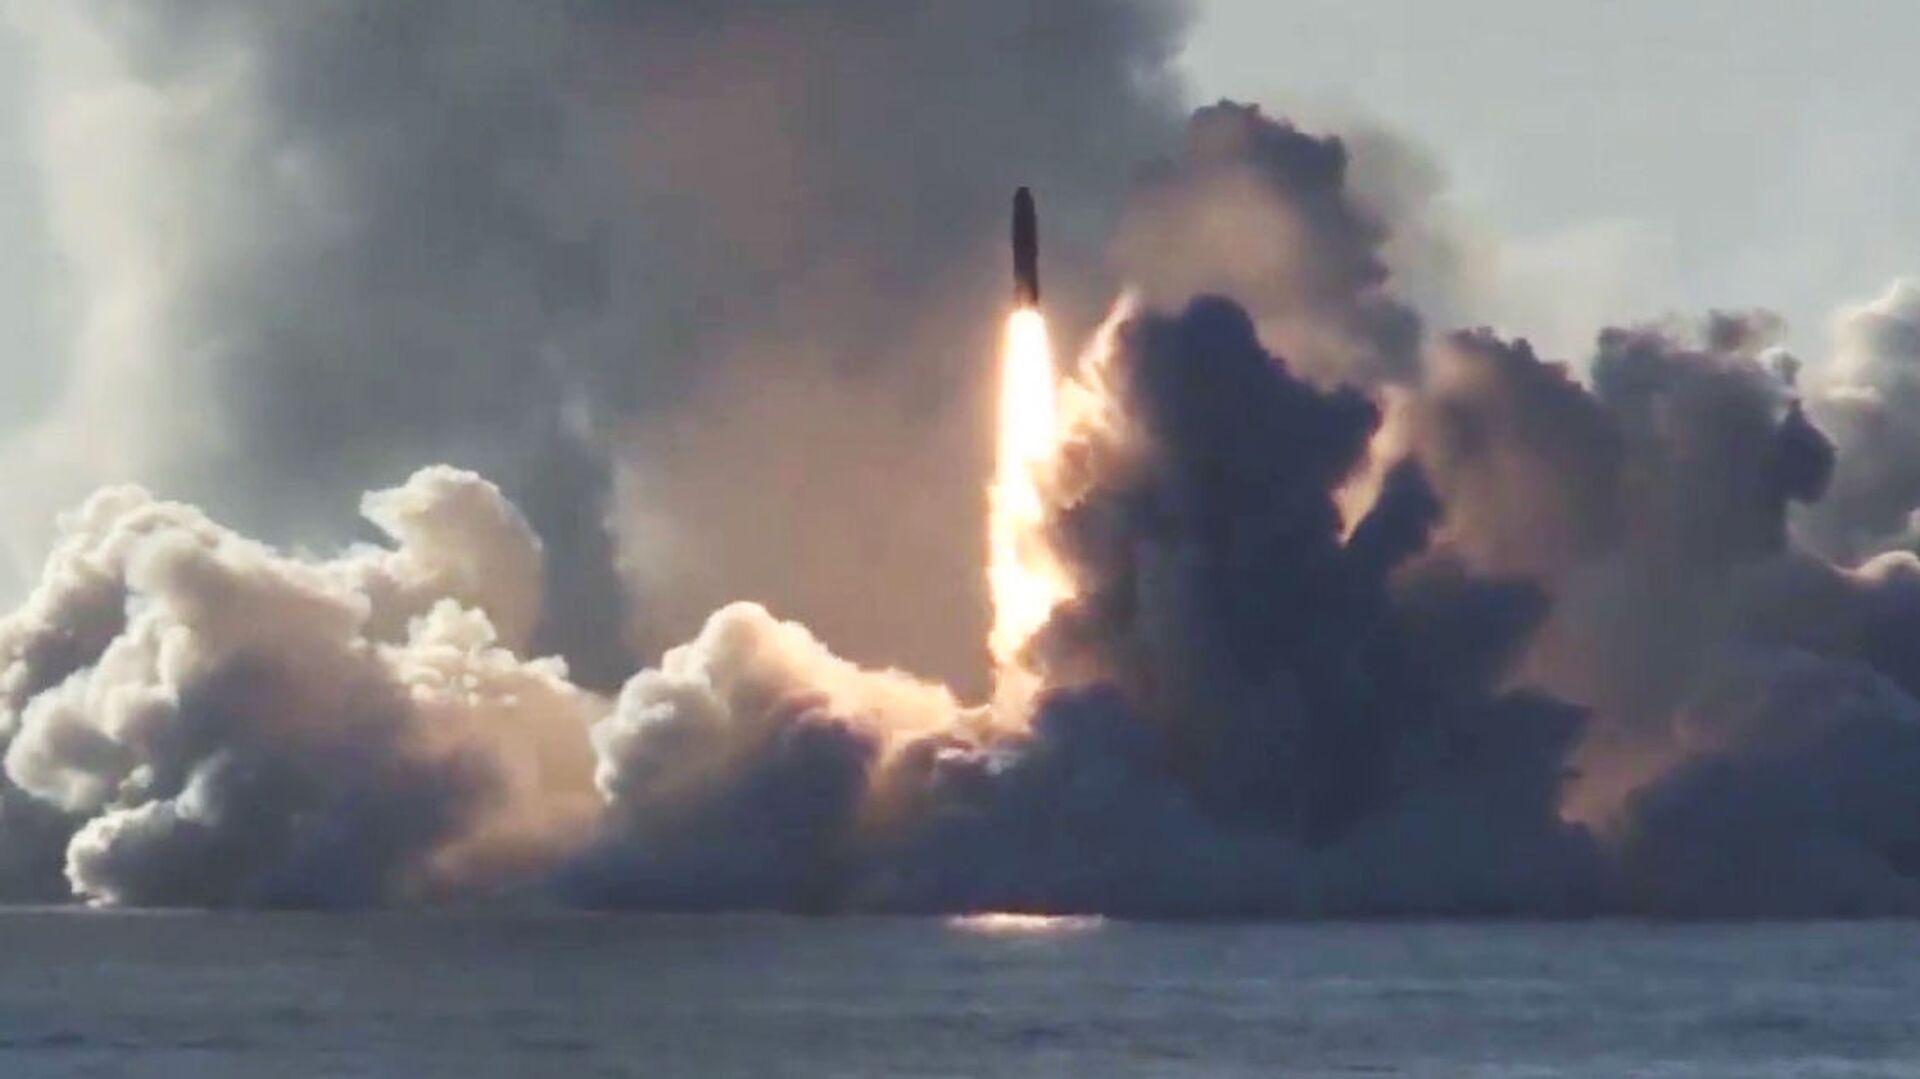 Dzień Marynarza Okrętów Podwodnych w Rosji: carskie święto, konfrontacja mocarstw i pociski jądrowe - Sputnik Polska, 1920, 19.03.2021